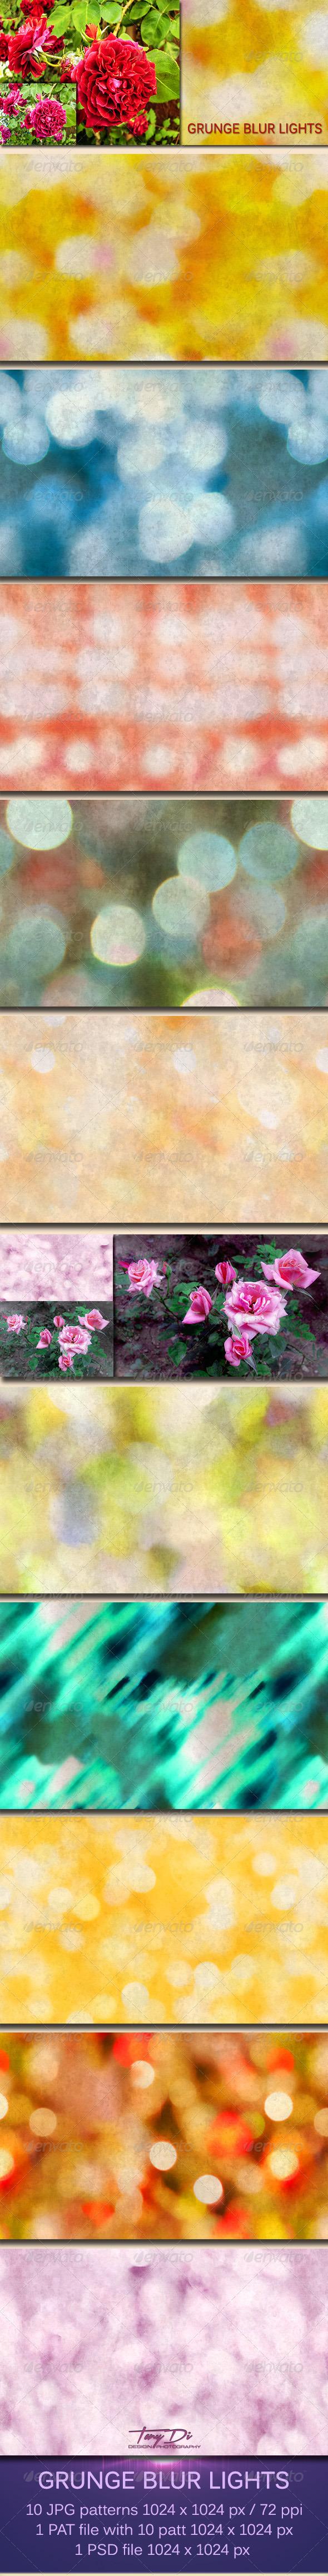 GraphicRiver Grunge Blur Lights 5962736